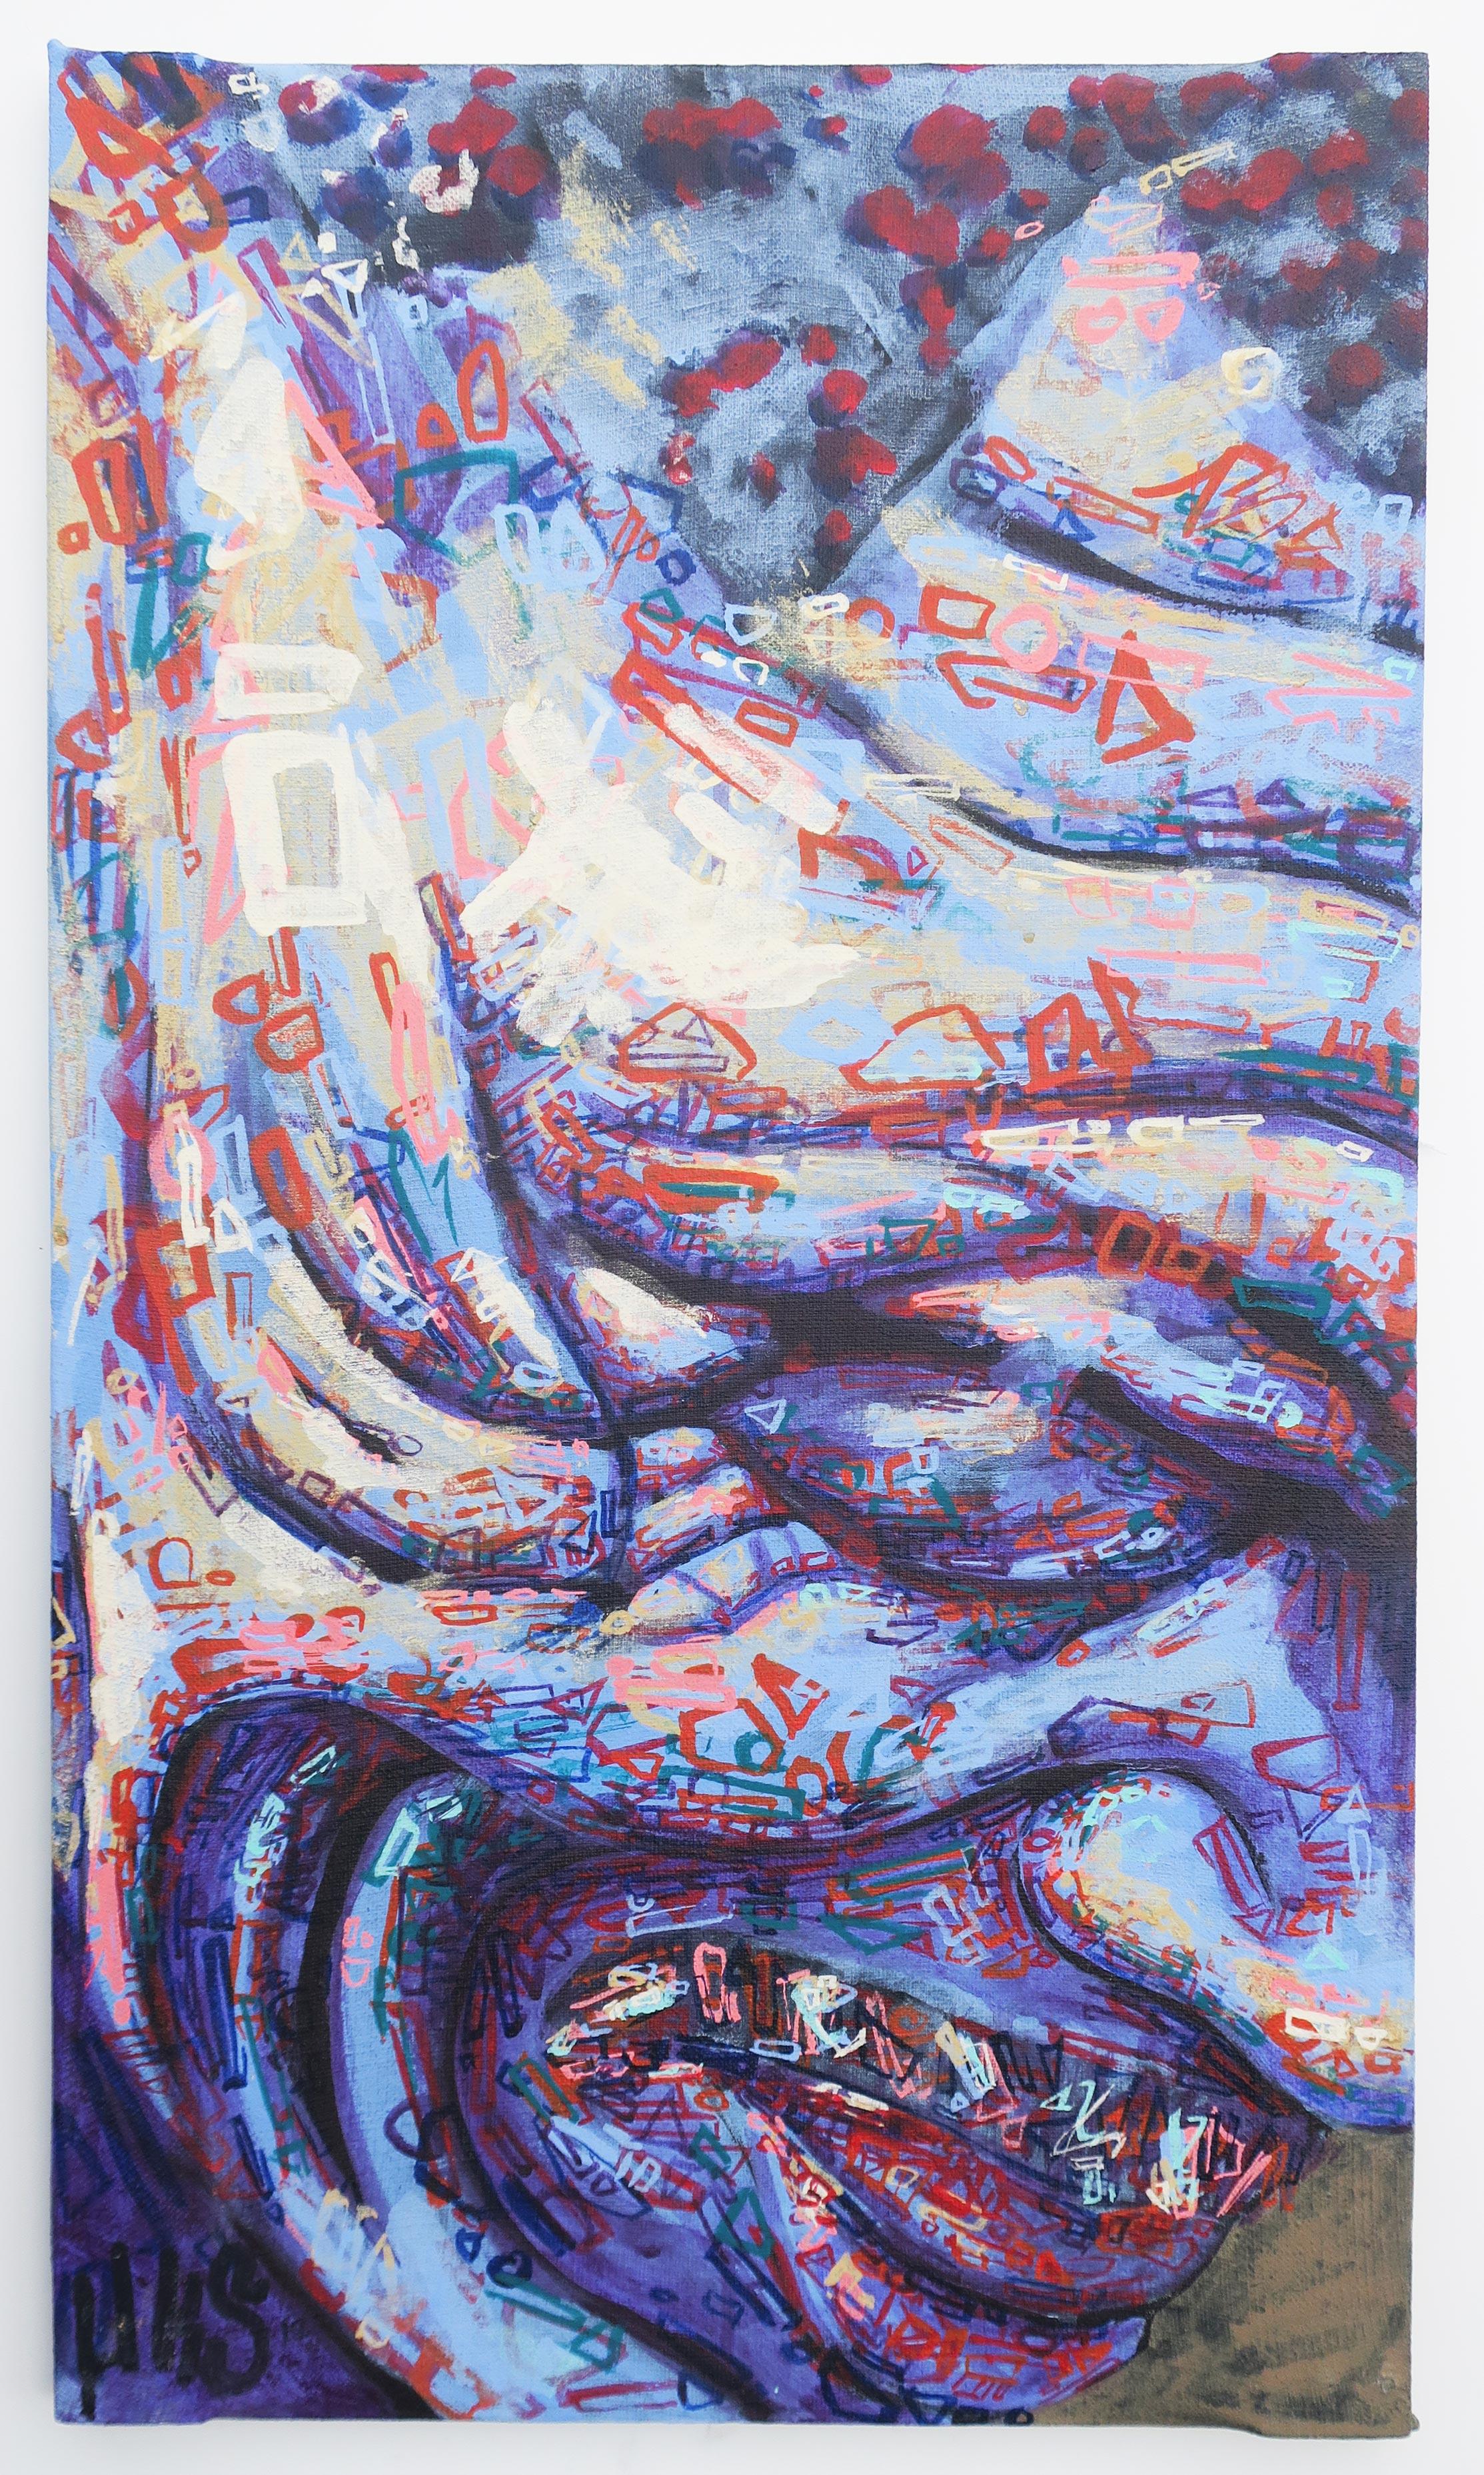 KEANON POHLMAN 1.16 (ca 40 x 70 cm)